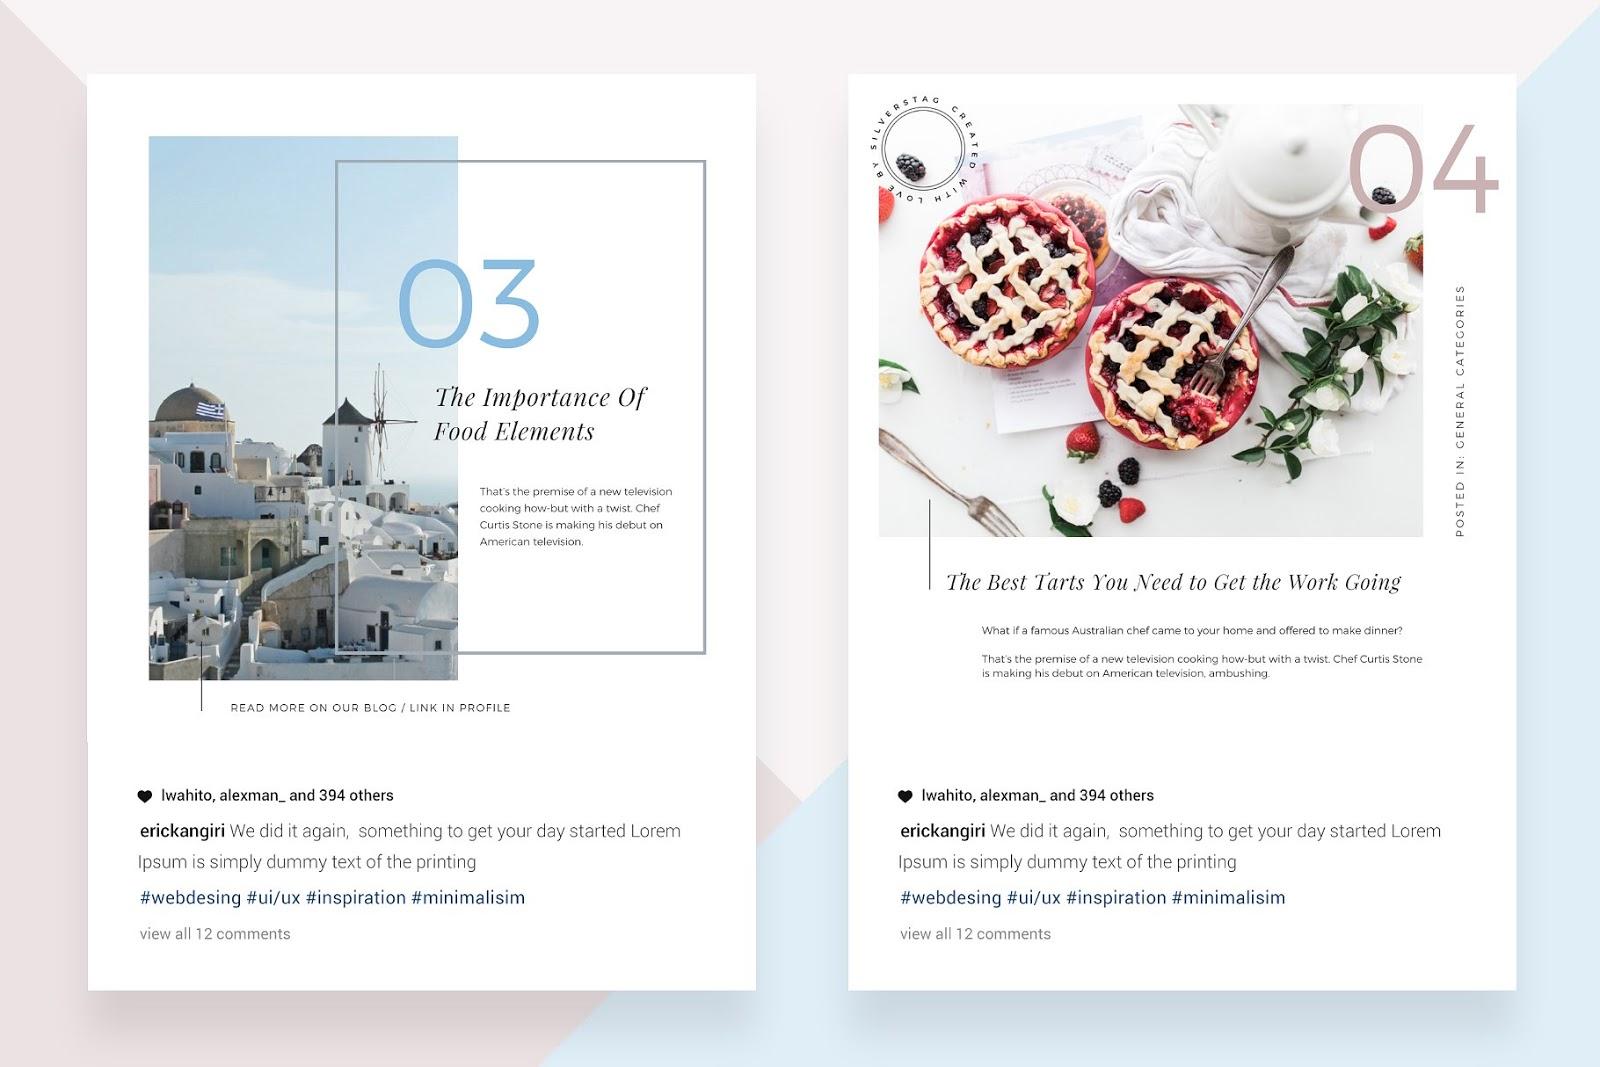 plantillas bonitas para posts instagram canva diseños editables